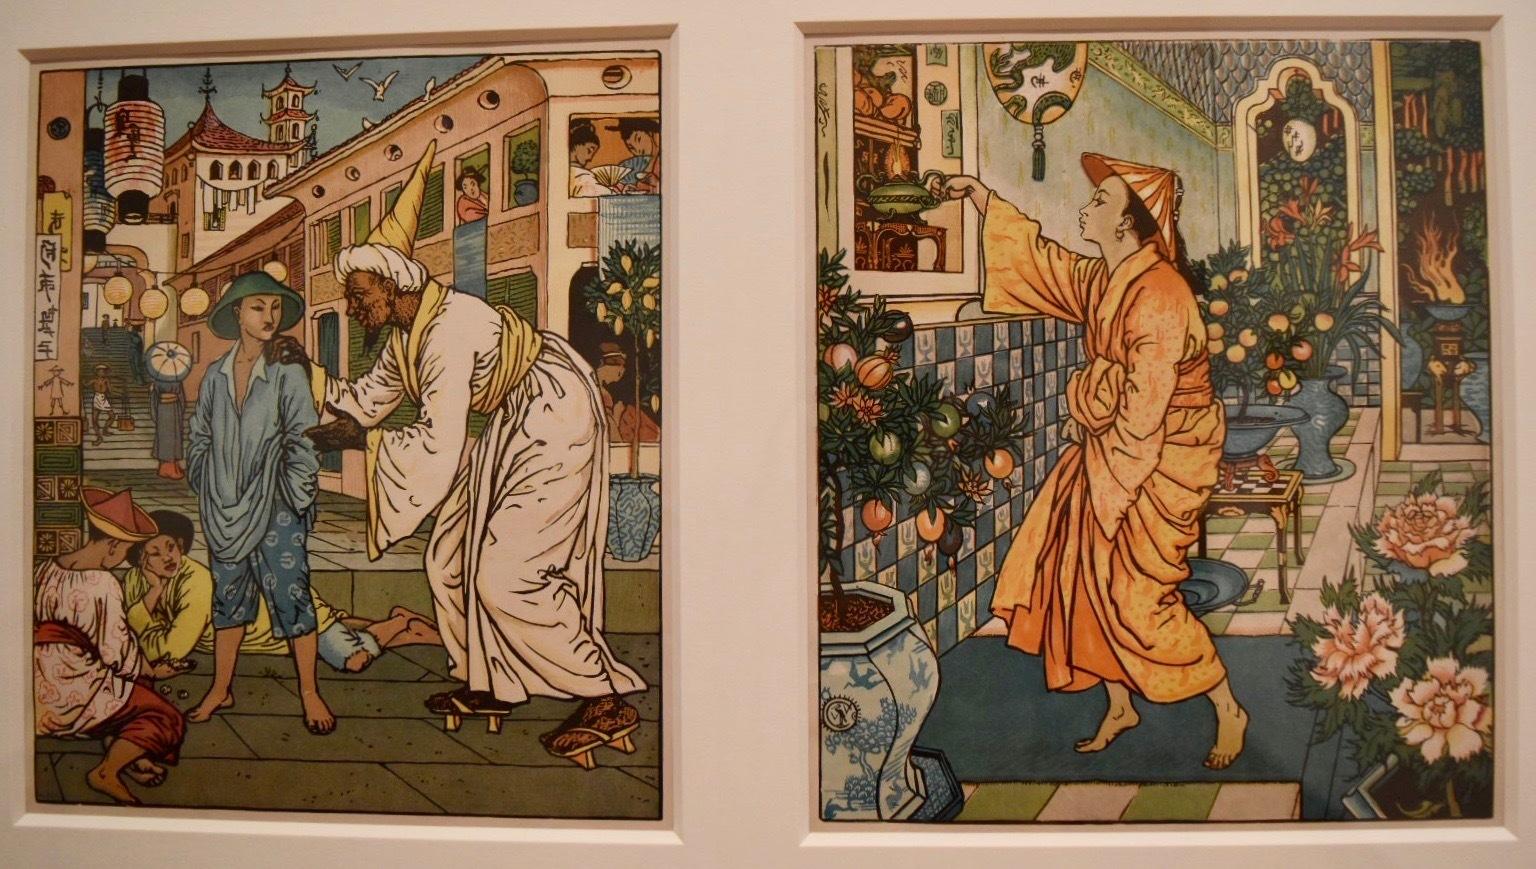 ウォルター・クレイン 《アラディンと魔法のランプ》1875年 個人蔵